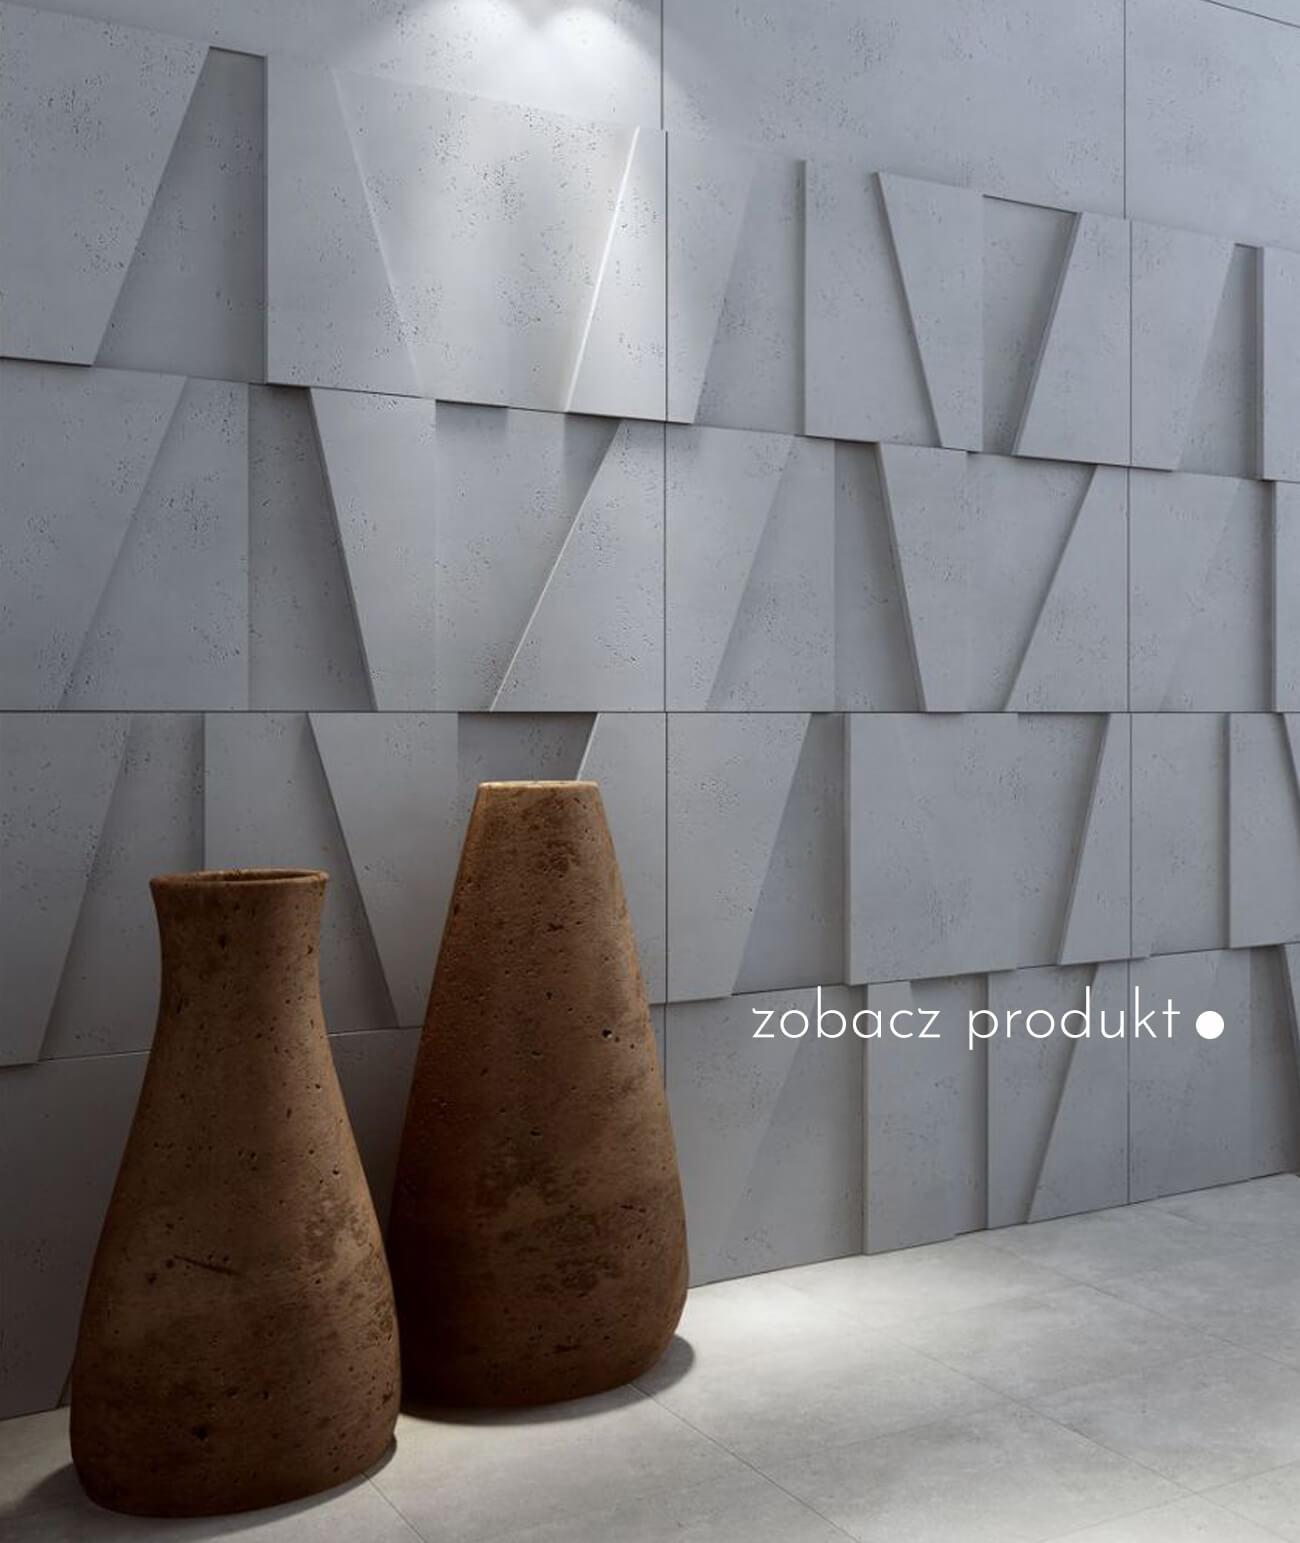 panele-betonowe-3d-scienne-i-elewacyjne-beton-architektoniczny_428-2353-pb10-s96-szary-ciemny-mozaika---panel-dekor-3d-beton-architektoniczny-panel-scienny